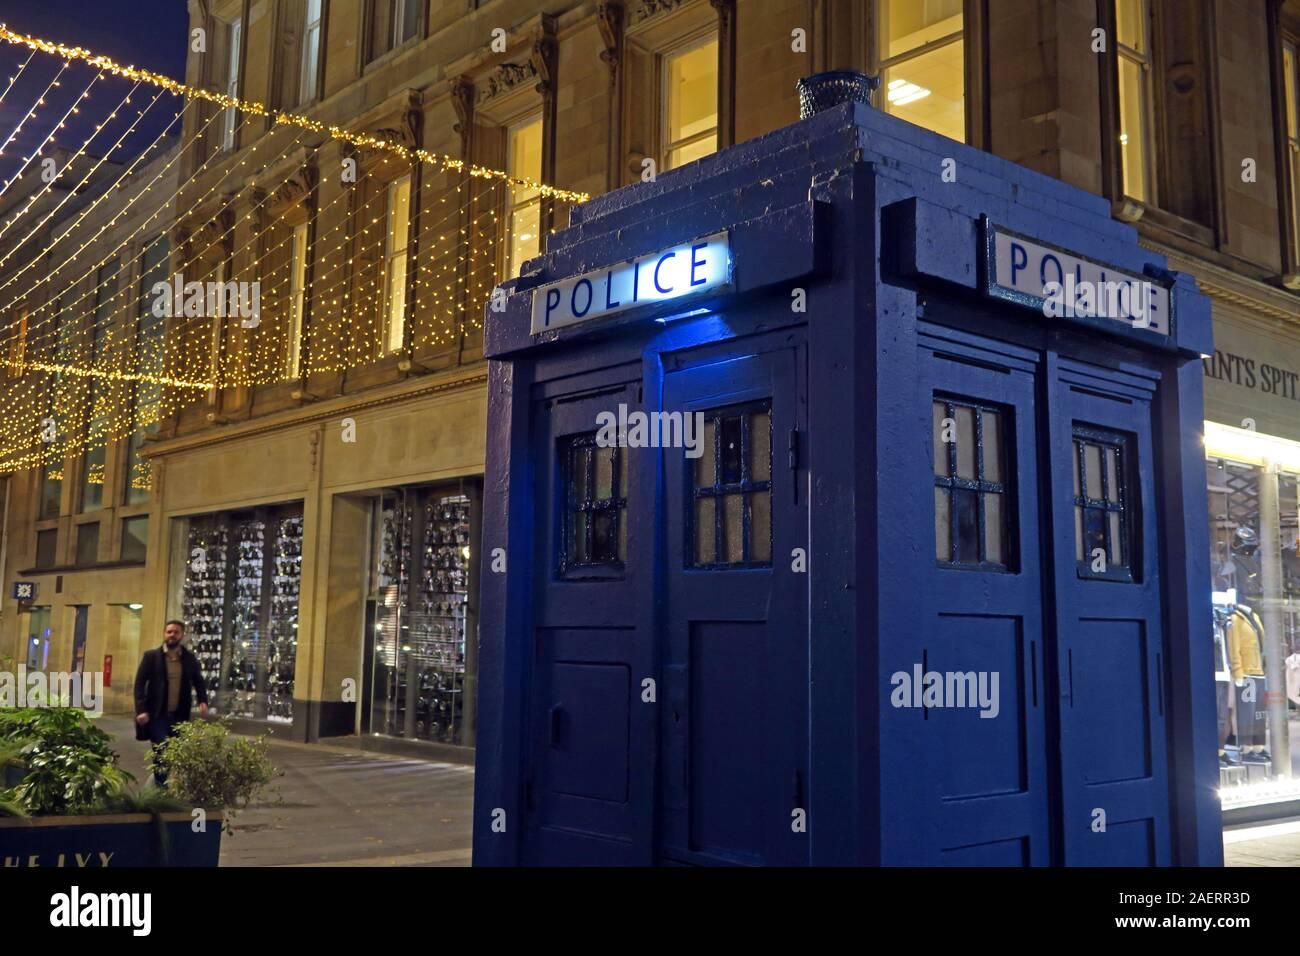 Dieses Stockfoto: DR WHO, Polizeikasten, Tardis, Glasgow, Stadtzentrum, Schottland, Großbritannien, Abenddämmerung, früher Abend - 2AERR3